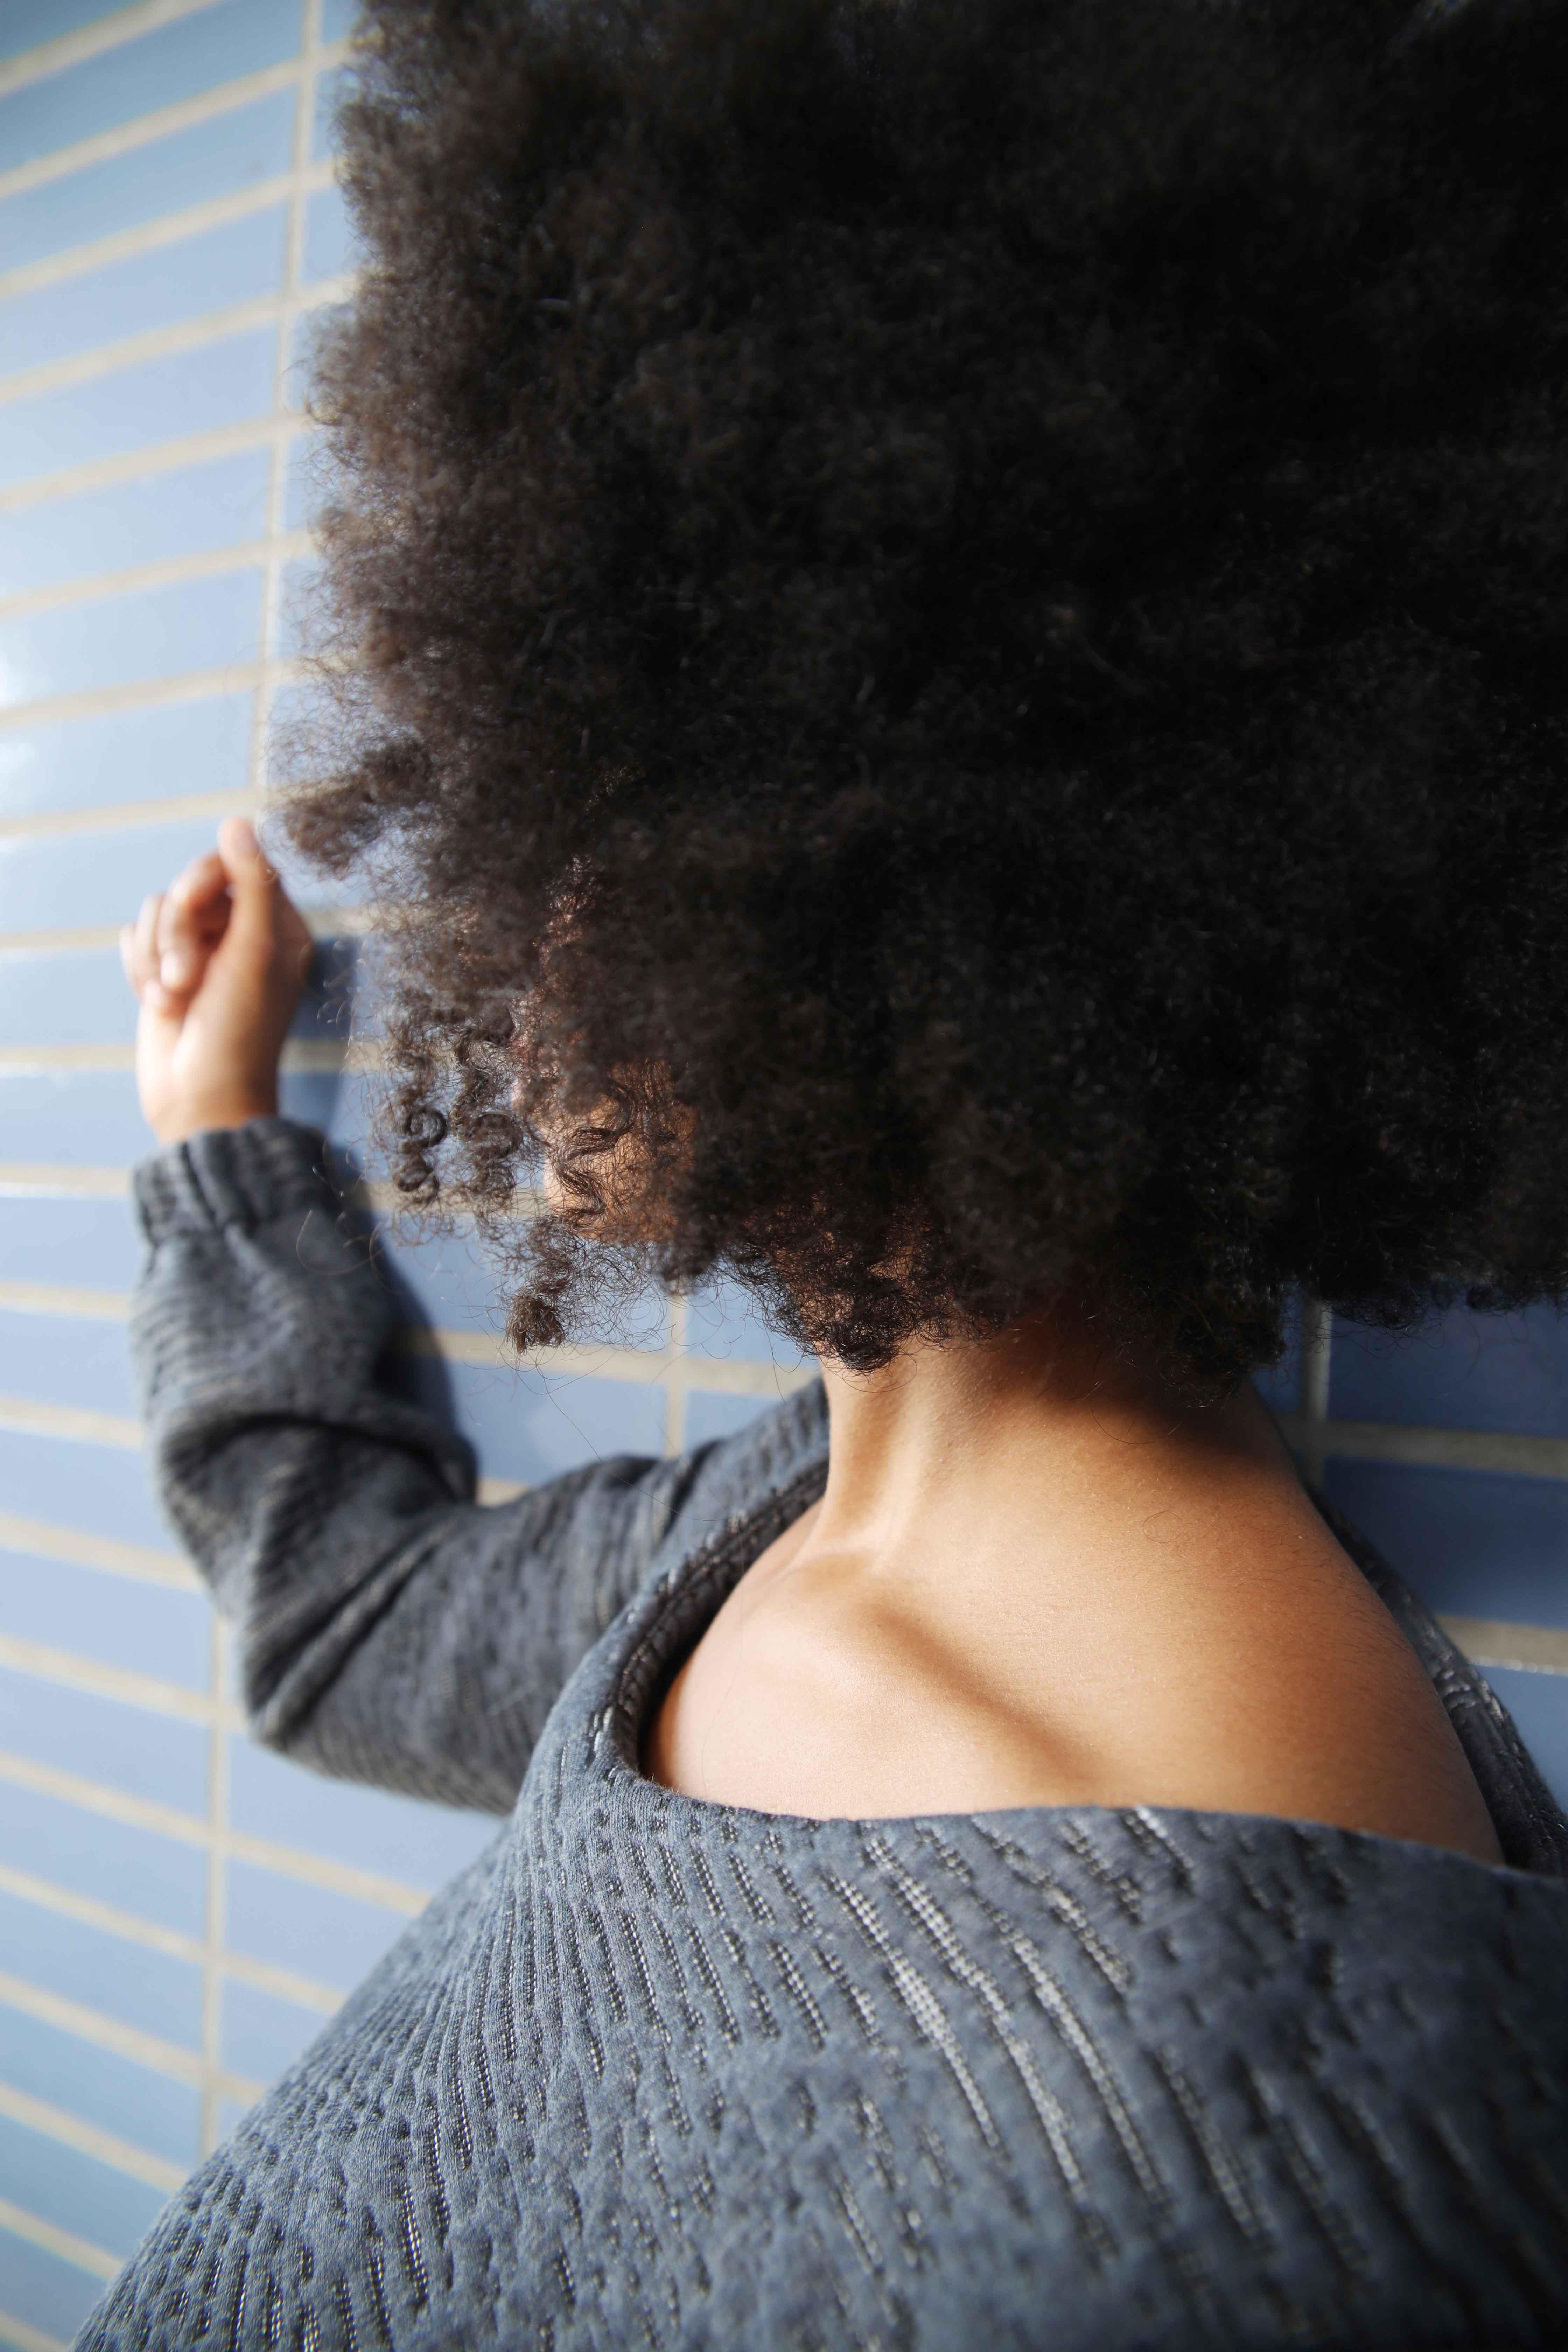 mode, kledij, ecologisch, Belgisch, duurzaam, transparant, dress, women, detail, gray, blue, boothals